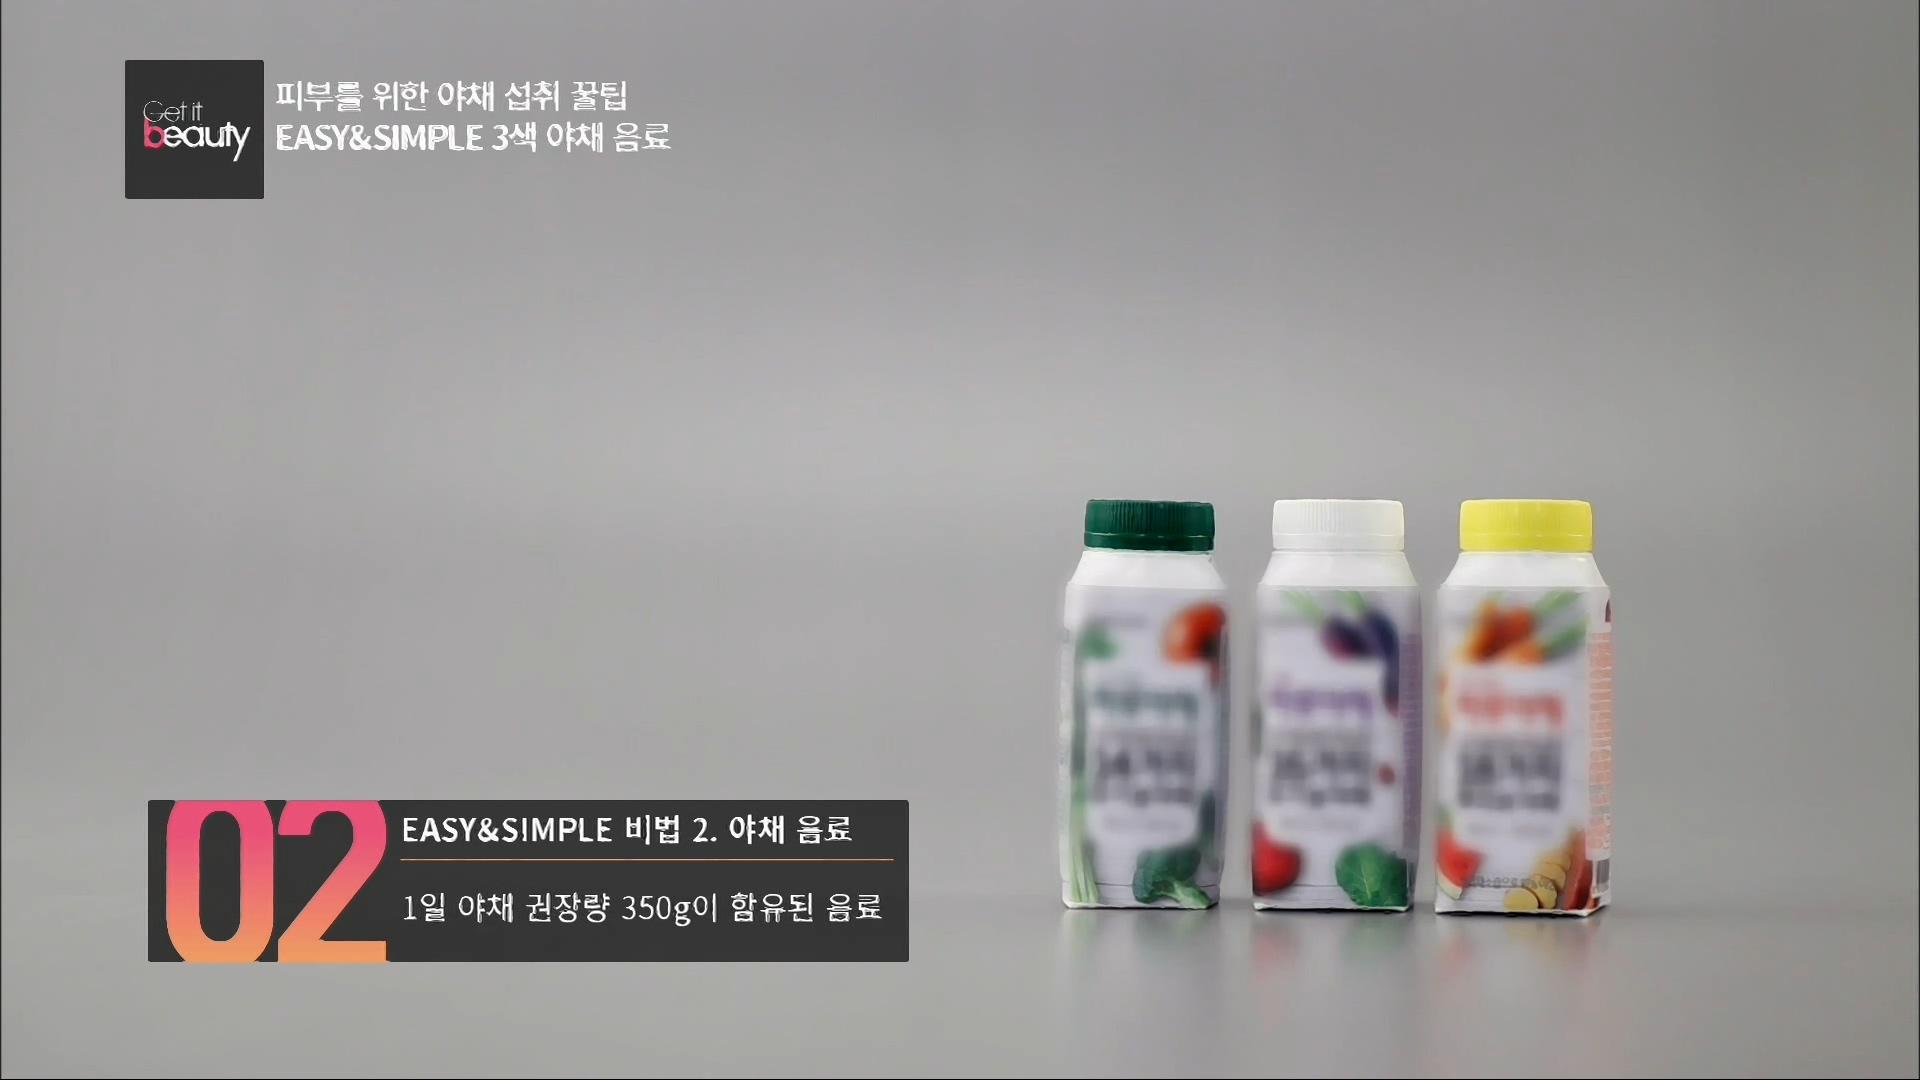 EASY & SIMPLE 비법 2.야채 음료 1일 야채 권장량 350g이 함유된 음료